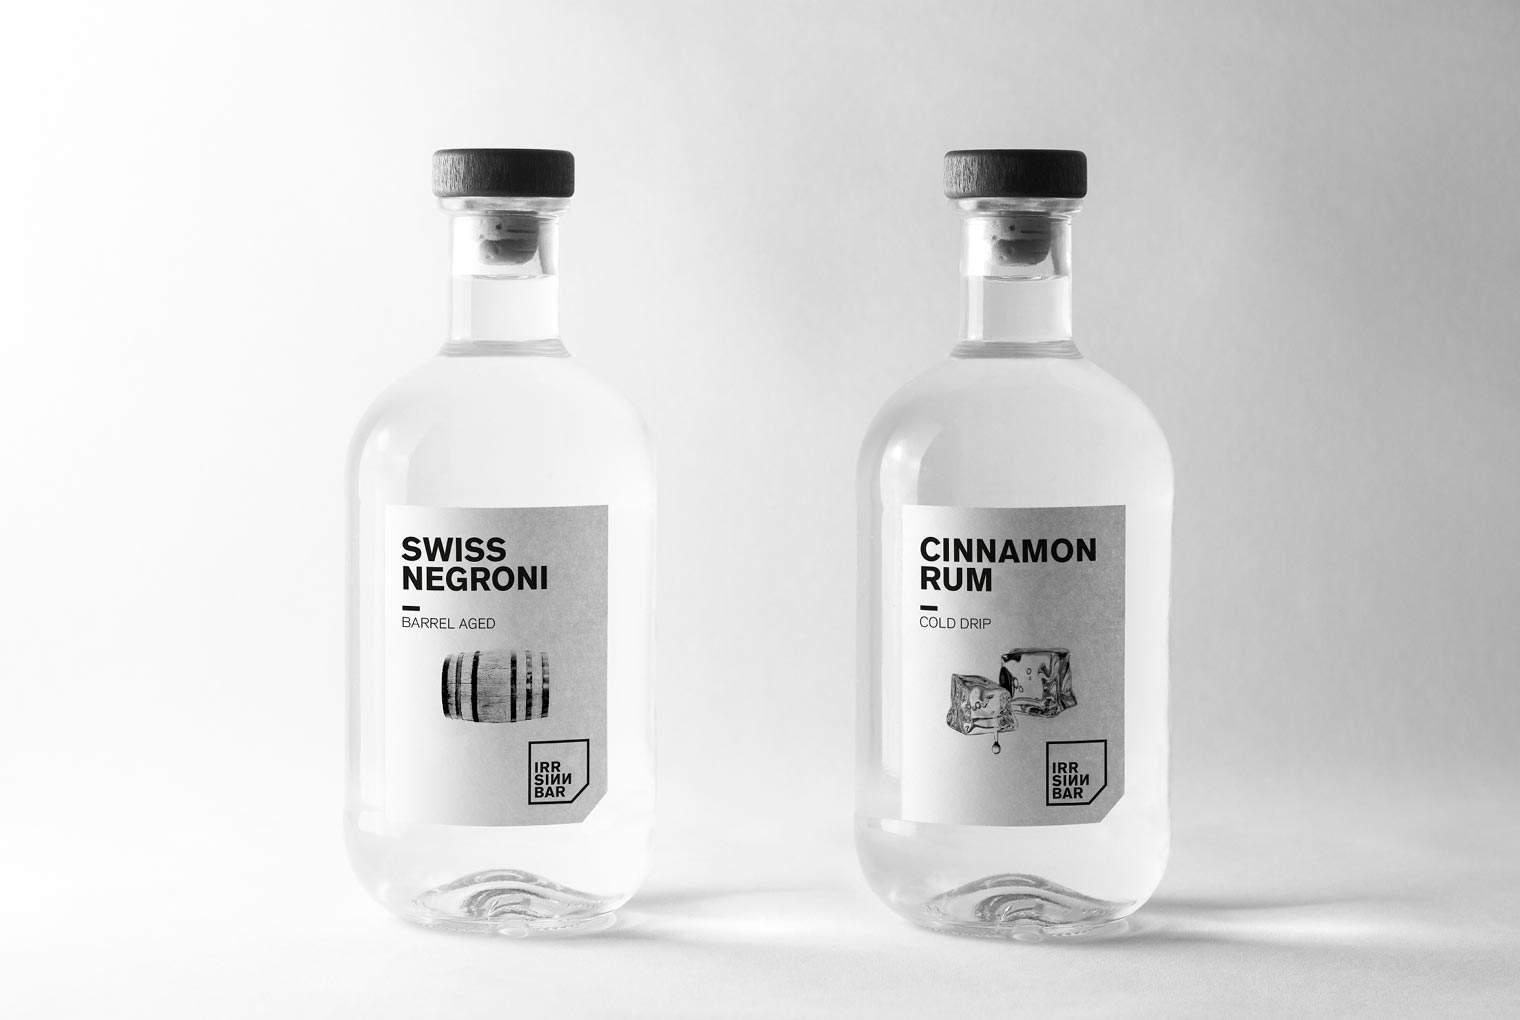 Irrsinnbar_10_Bottles